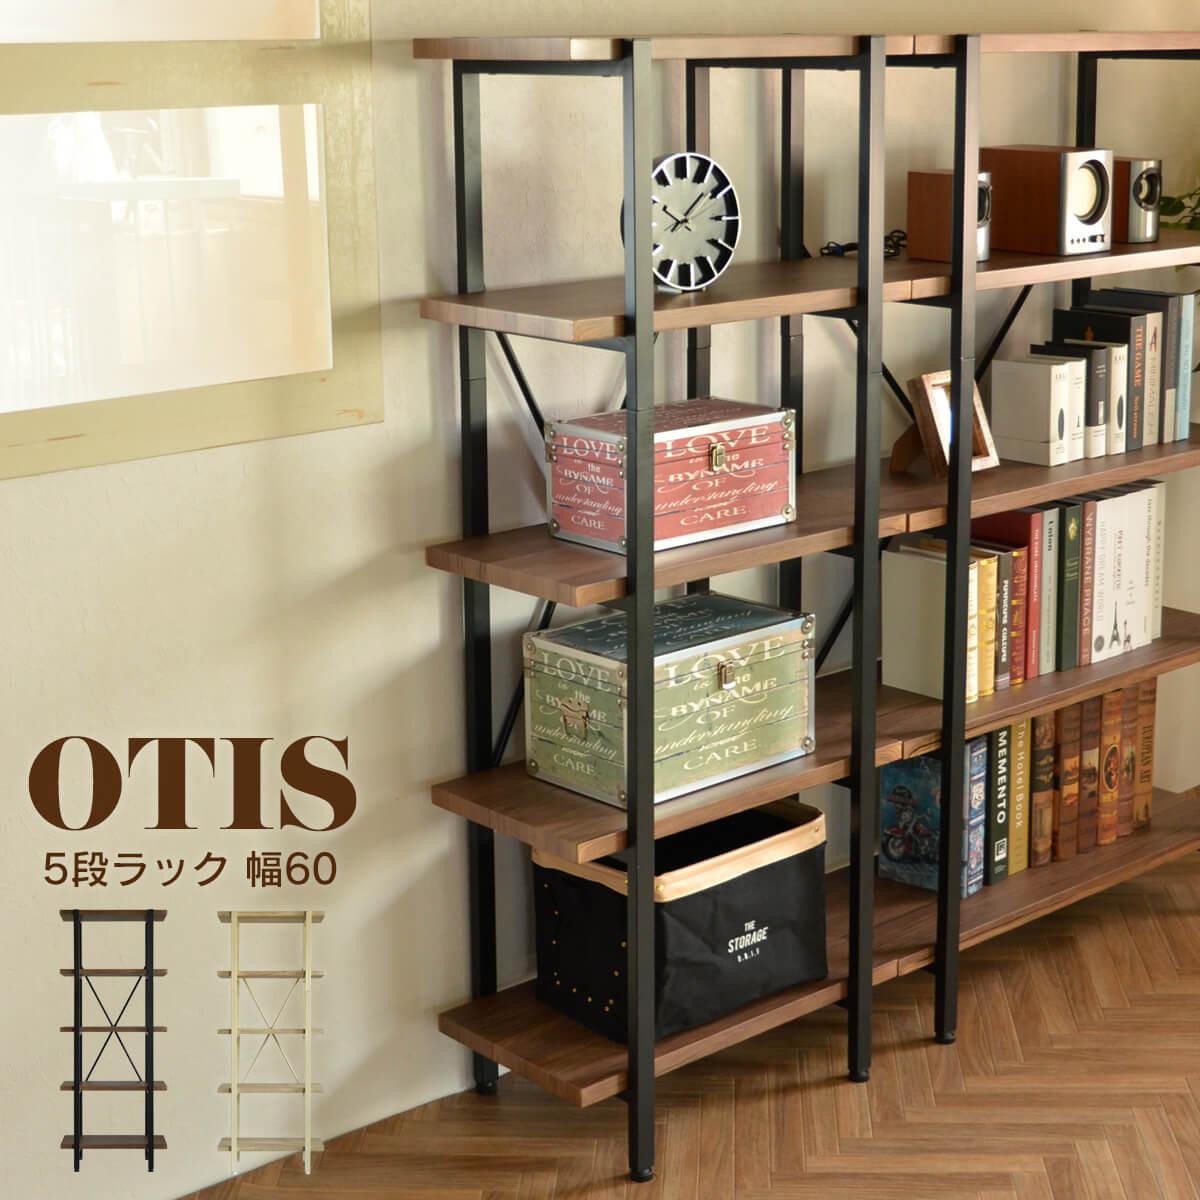 【送料無料】 OTIS オーティス 5段ラック 幅60 オープン 収納 木製 棚 本棚 シェルフ 間仕切り ディスプレイ コンパクト スリム 省スペース 一人暮らし リビング おしゃれ デザイン OTOR-60-D5